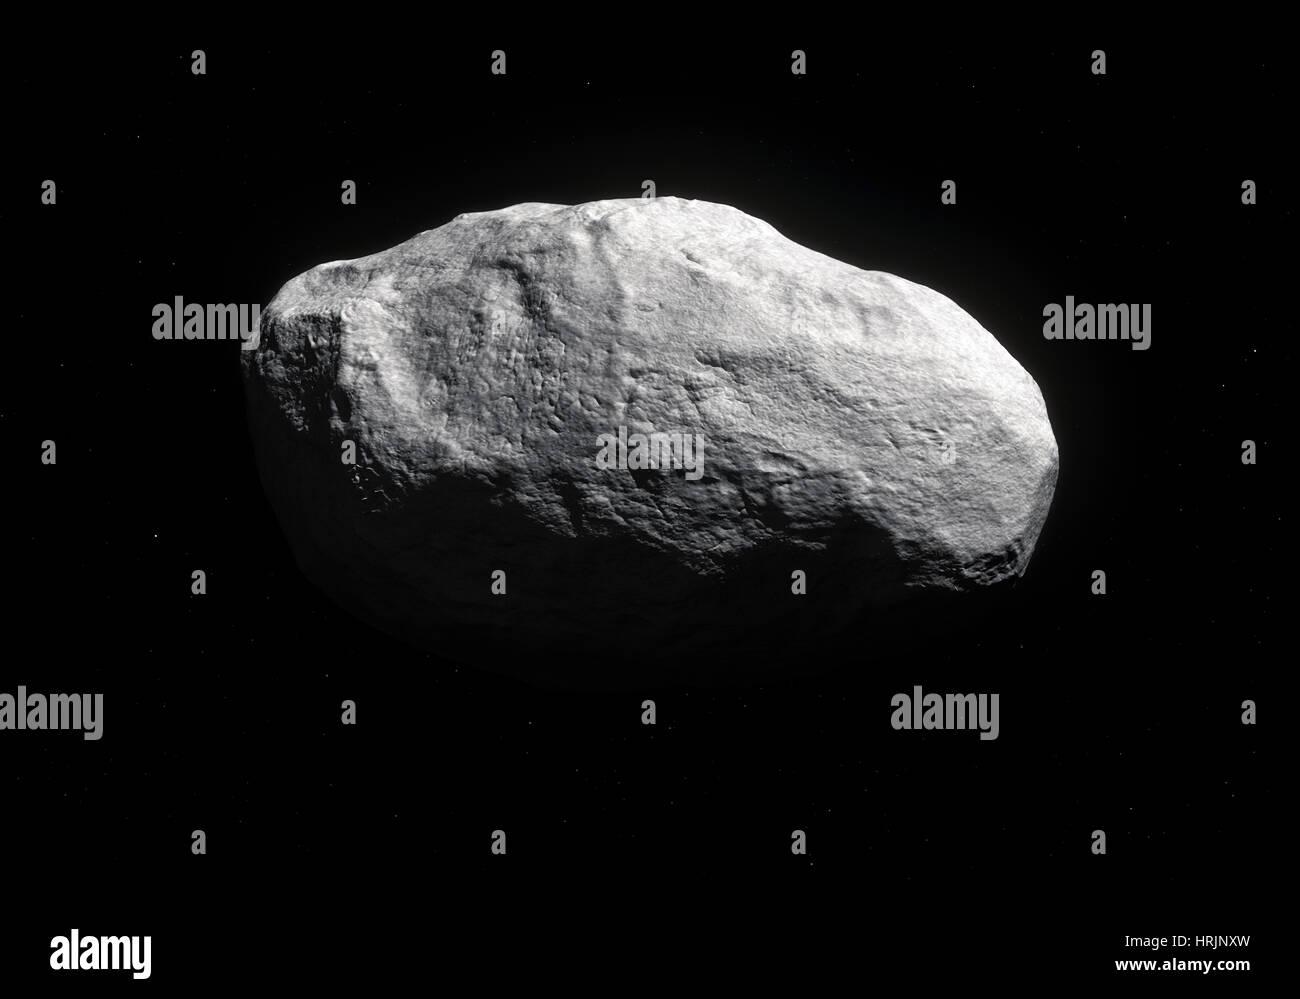 La cometa C/2014 S3 (PANSTARRS) Immagini Stock